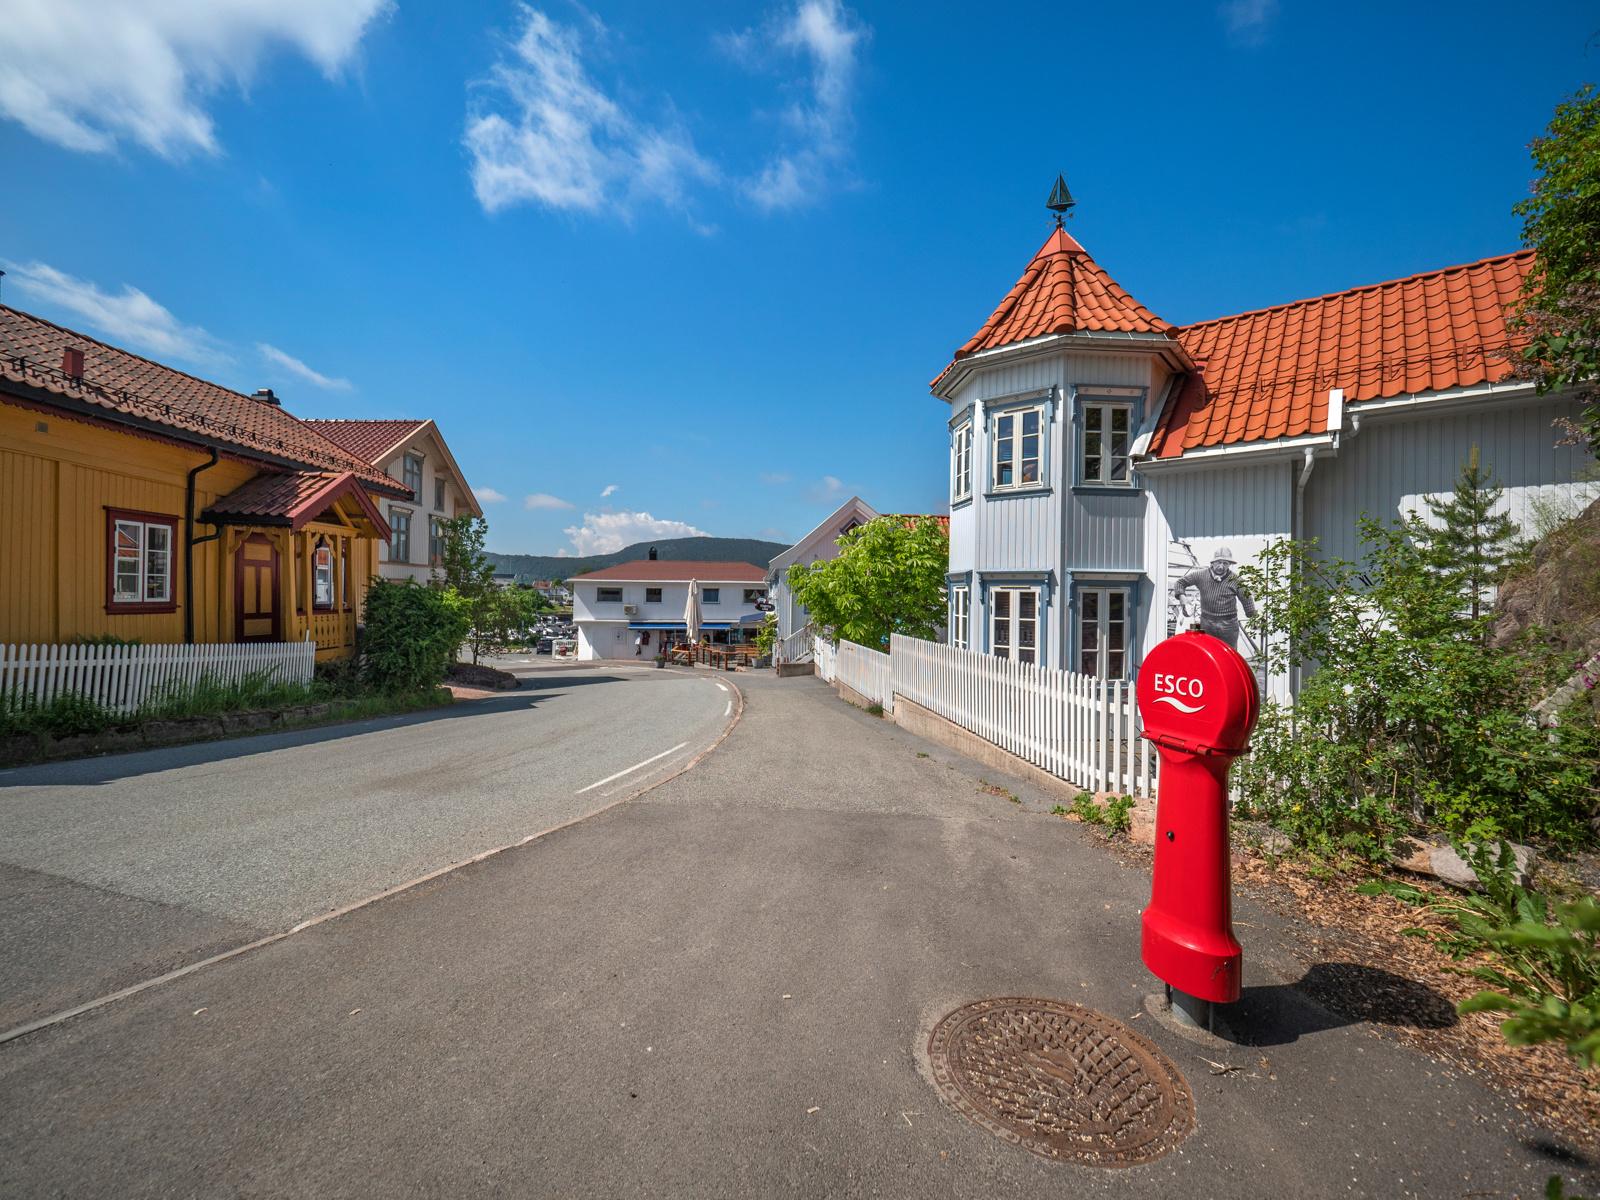 Holmsbu sentrum ligger en fin gåtur fra hytta og byr på dagligvarebutikk, badehotell, flere restauranter og sommerbutikker